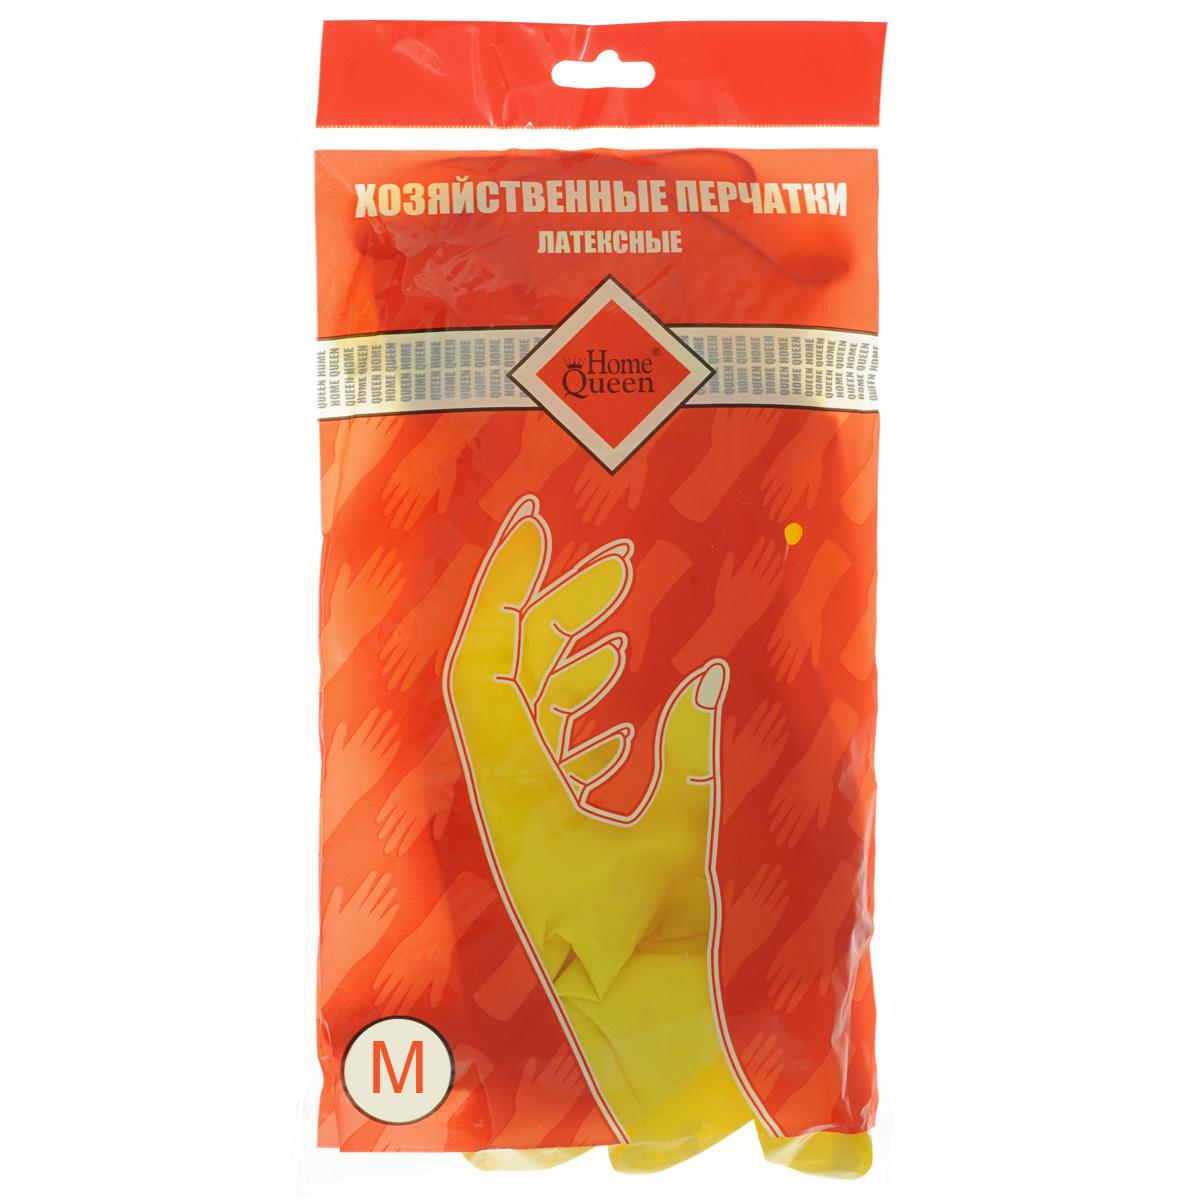 Перчатки латексные Home Queen. Размер M48_ MПерчатки Home Queen, изготовленные из латекса, защитят ваши руки от воздействия бытовой химии и грязи. Подойдут для всех видов хозяйственных работ.